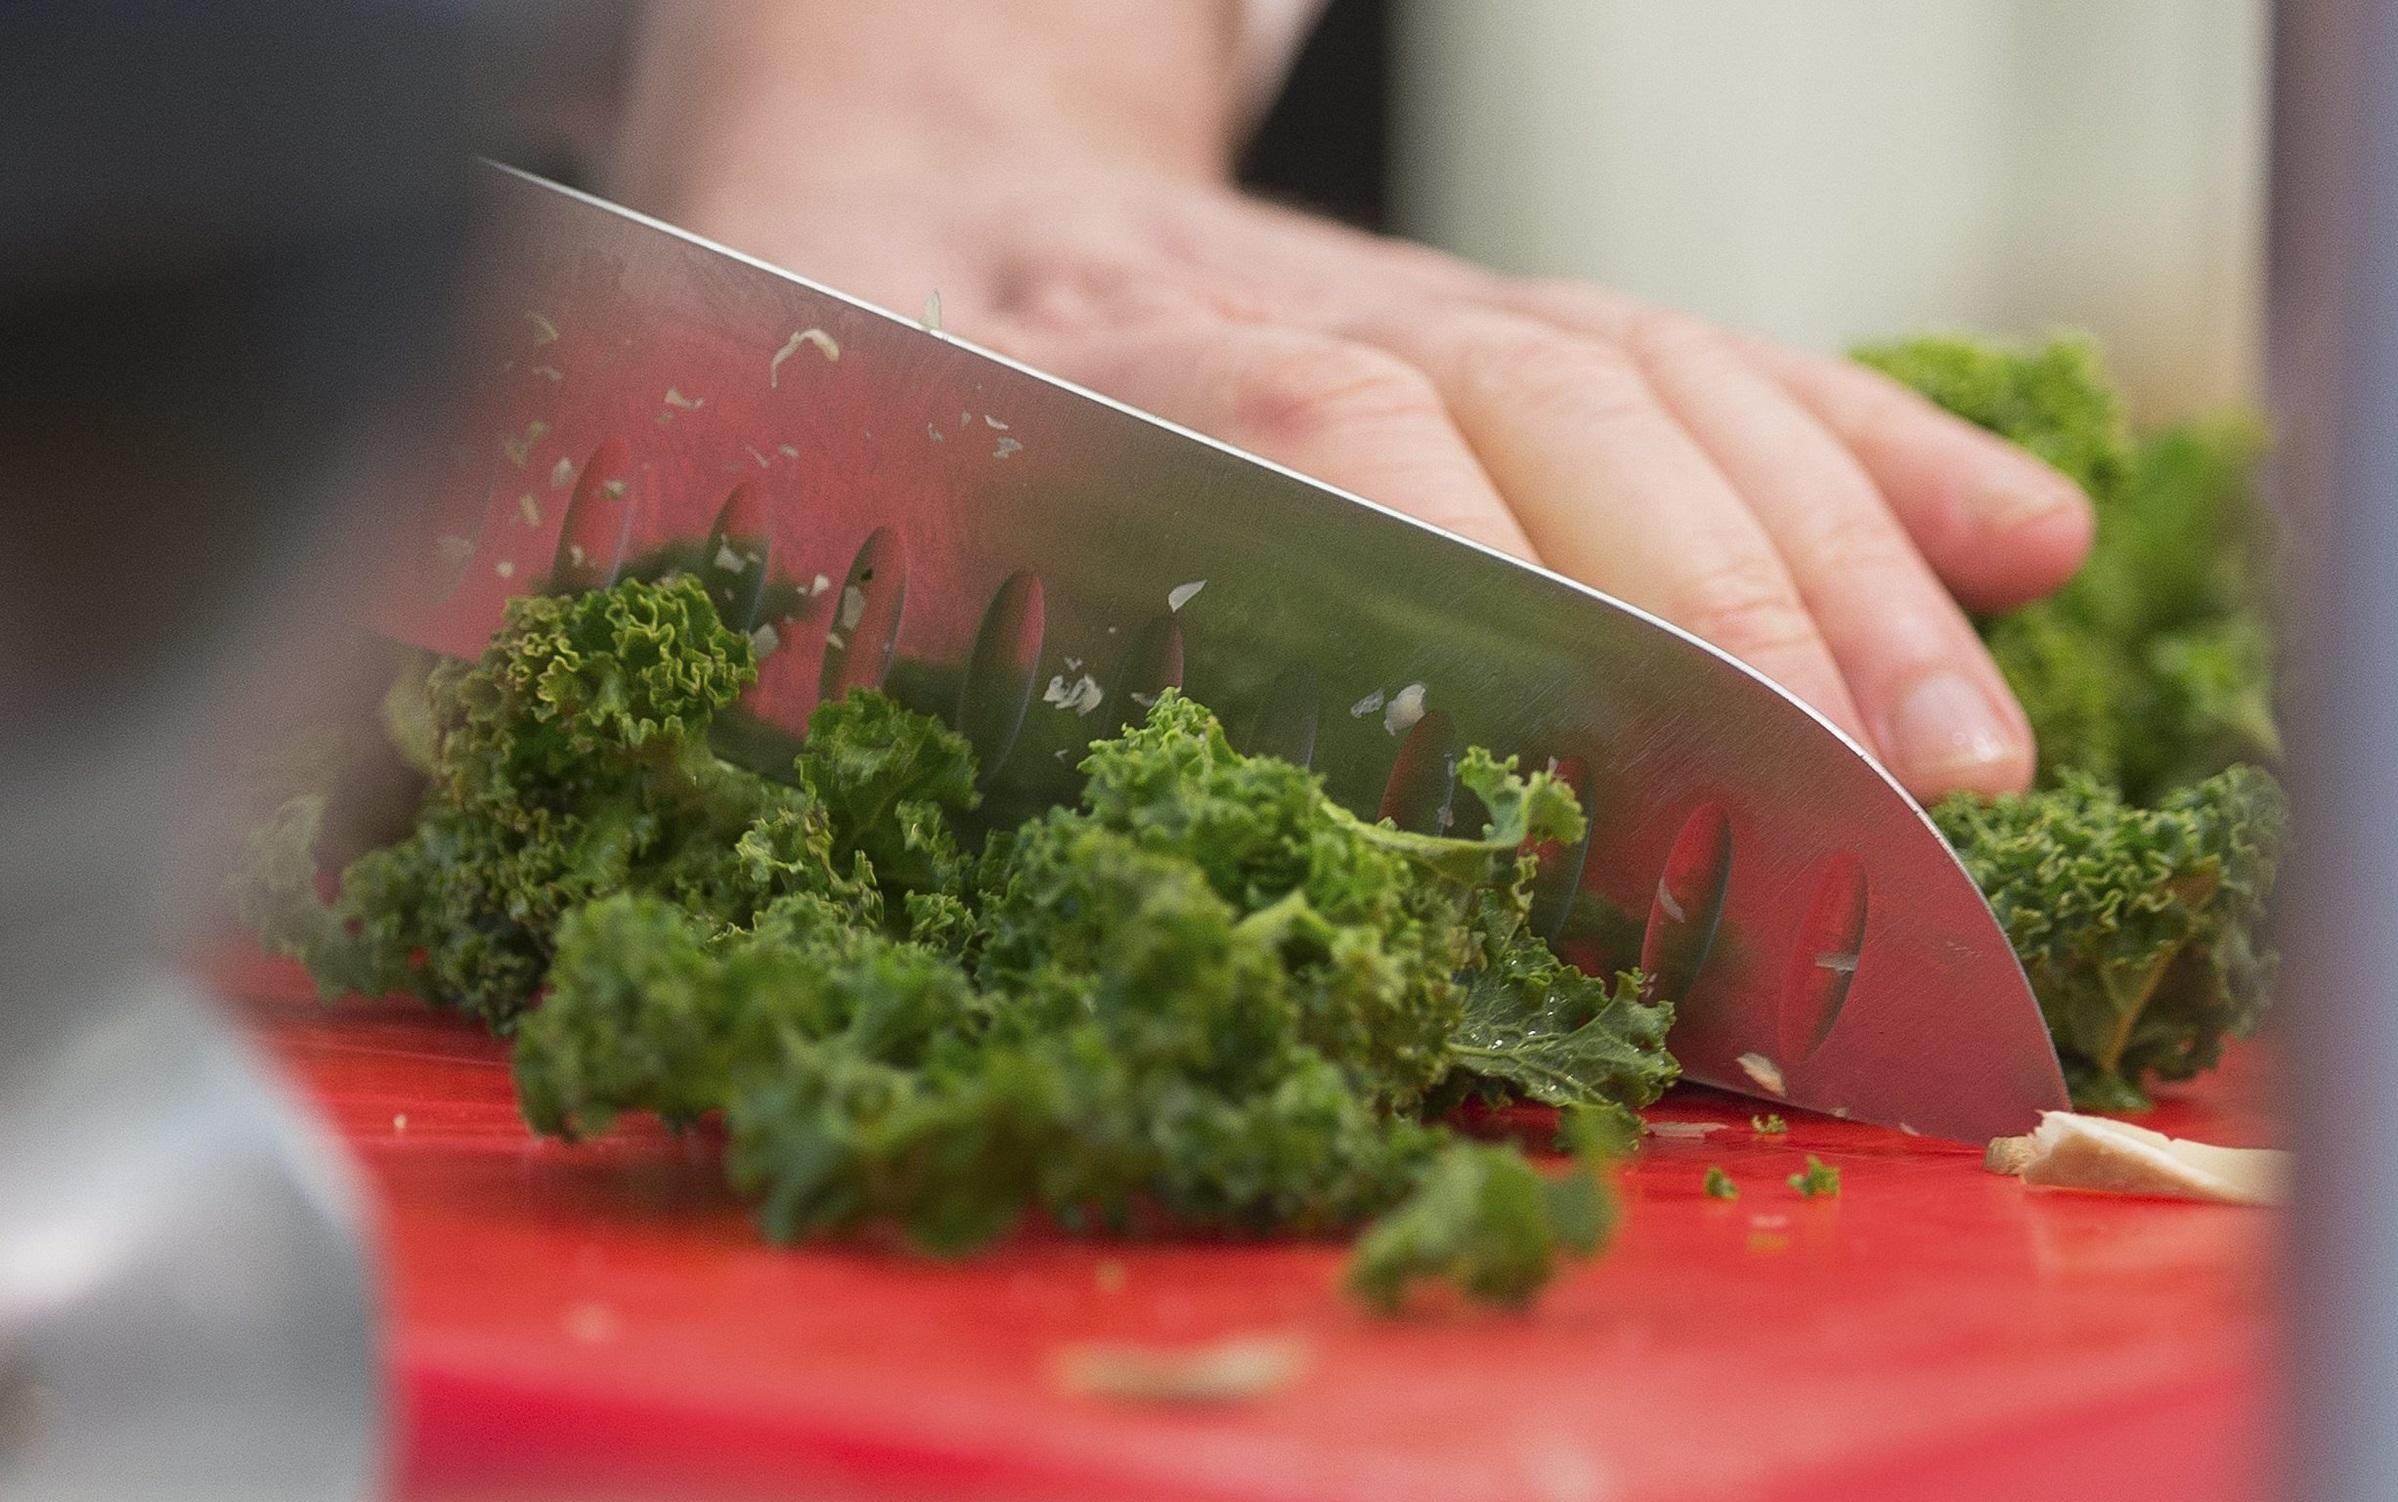 Un cocinero corta el kale para preparar un plato tradicional en el norte de Alemania. FOTO: DAVID HECKERNOMY KALE COOKING